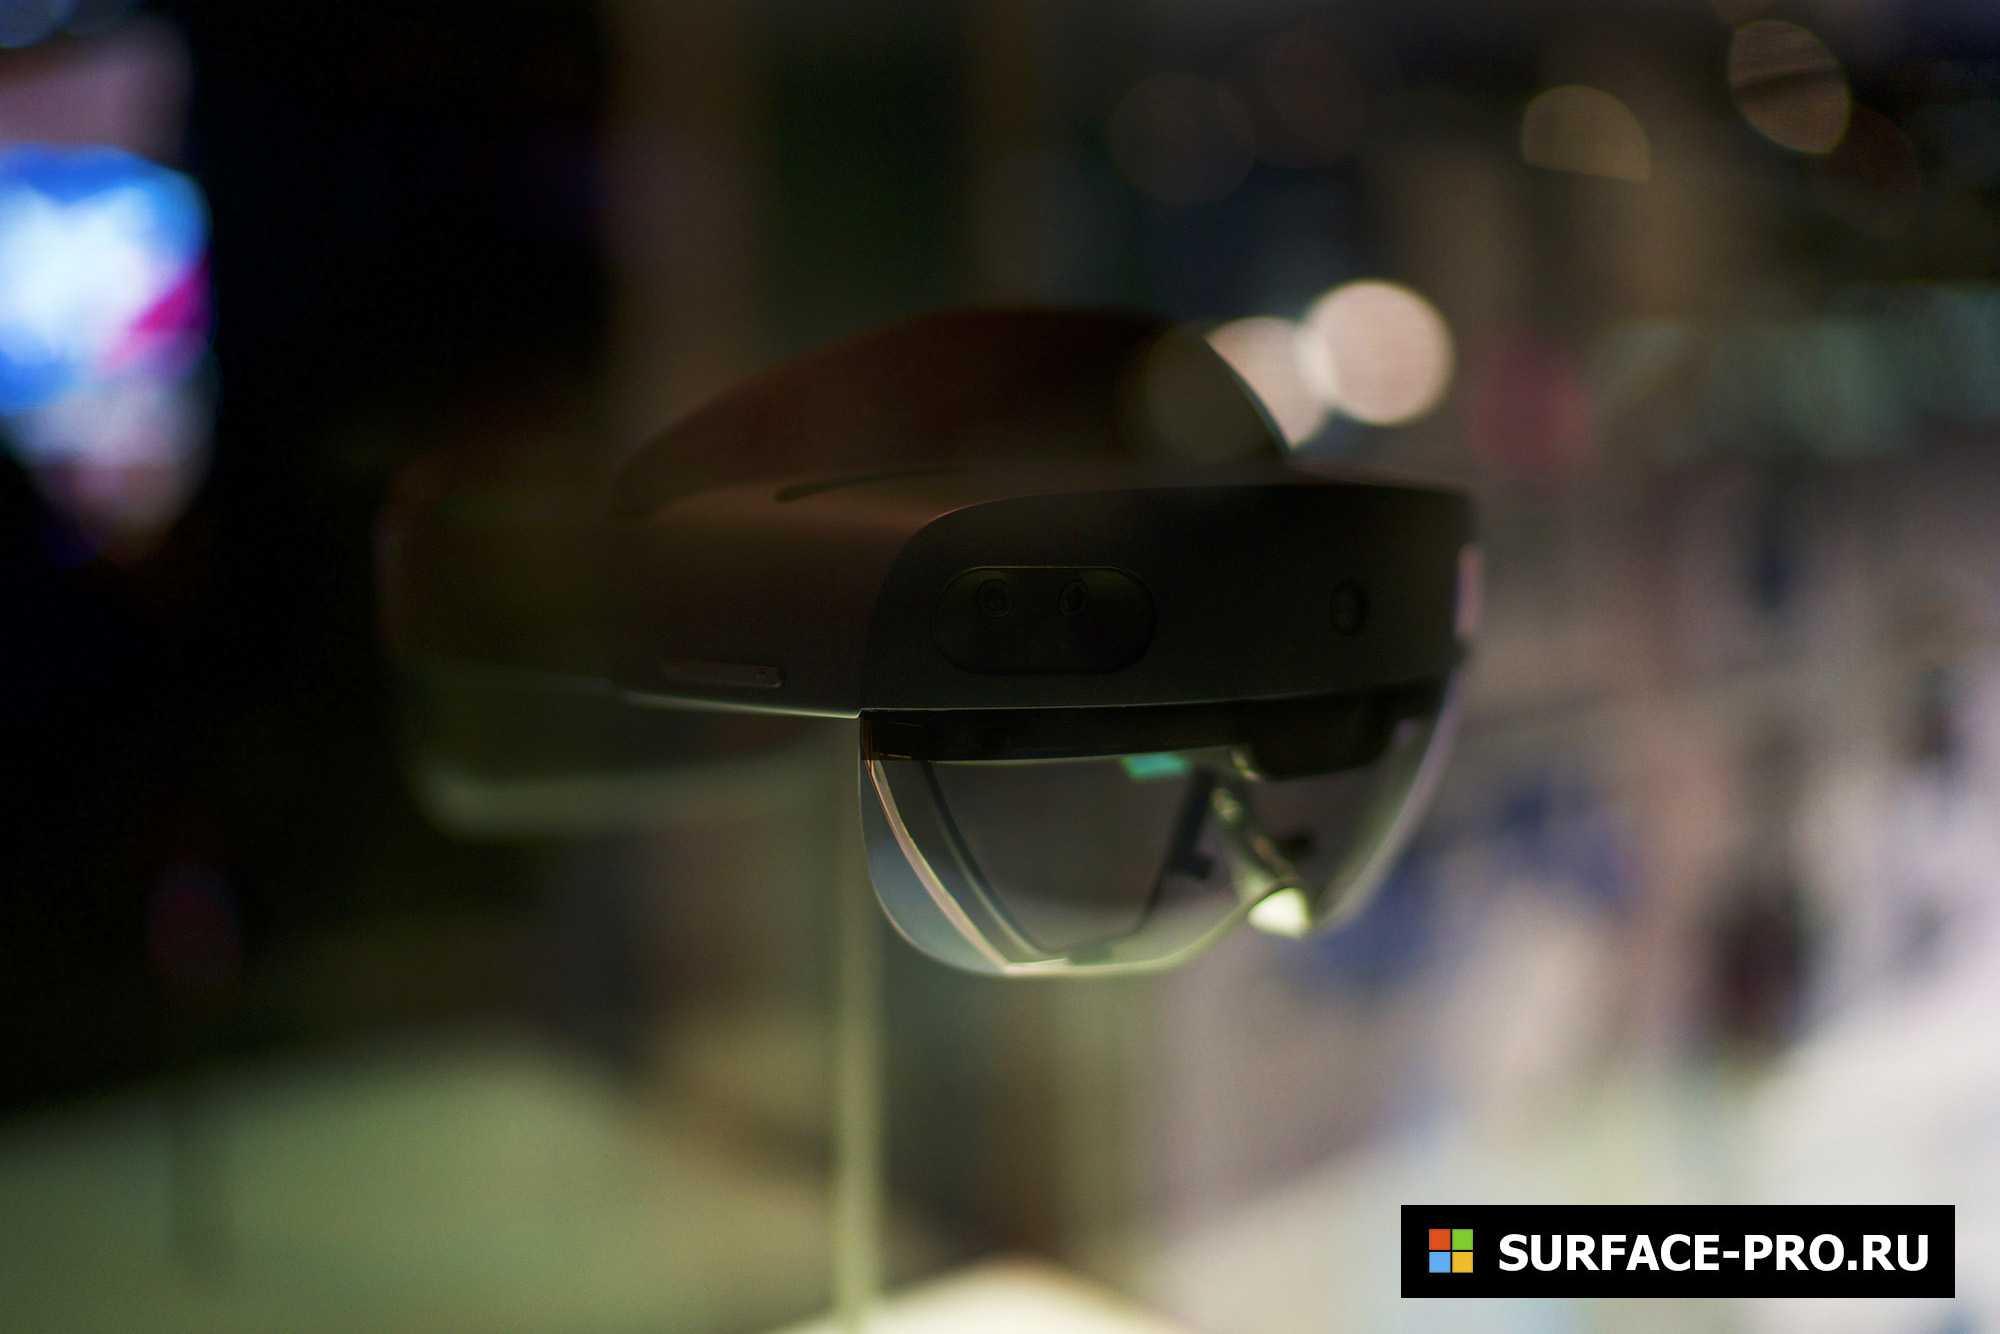 Пять прорывов в области дополненной и виртуальной реальности, которые мы ждем